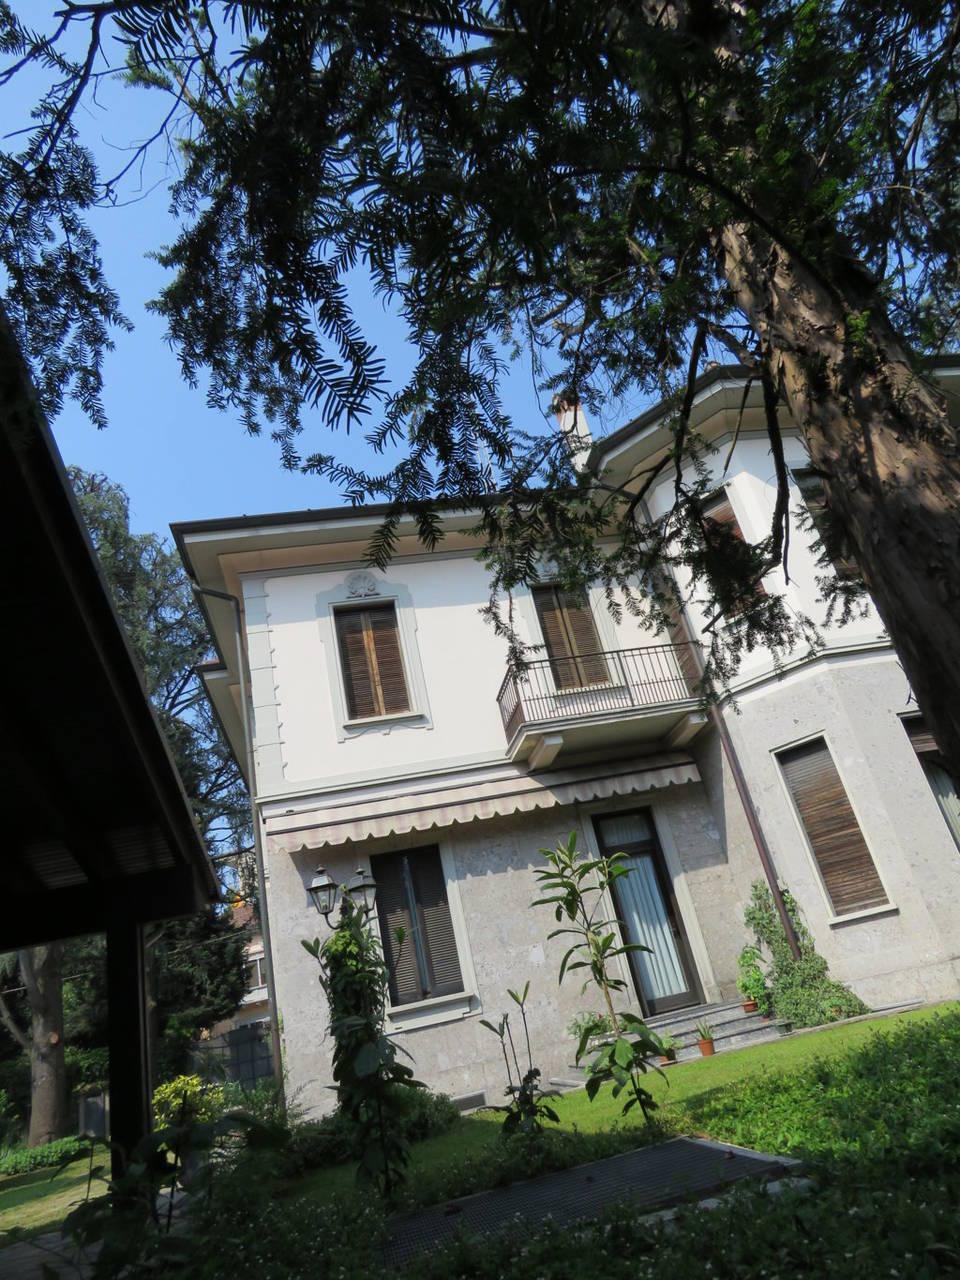 Villa-Epoca-di-pregio-in-vendita-a-Monza-30